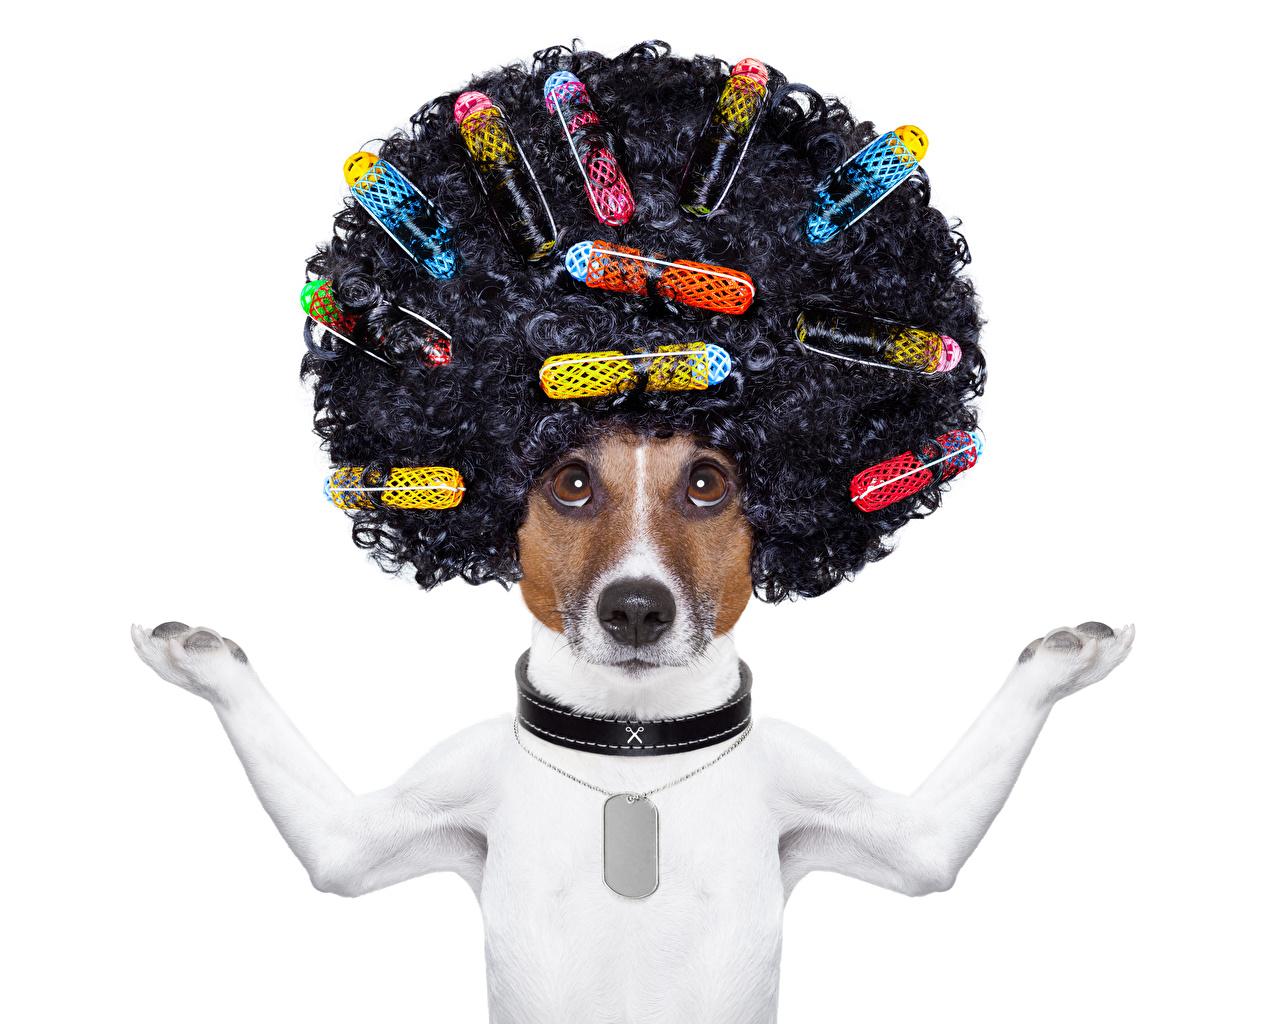 Обои для рабочего стола Джек-рассел-терьер Собаки Кудрявые Причёска Волосы Лапы Креатив Животные Белый фон